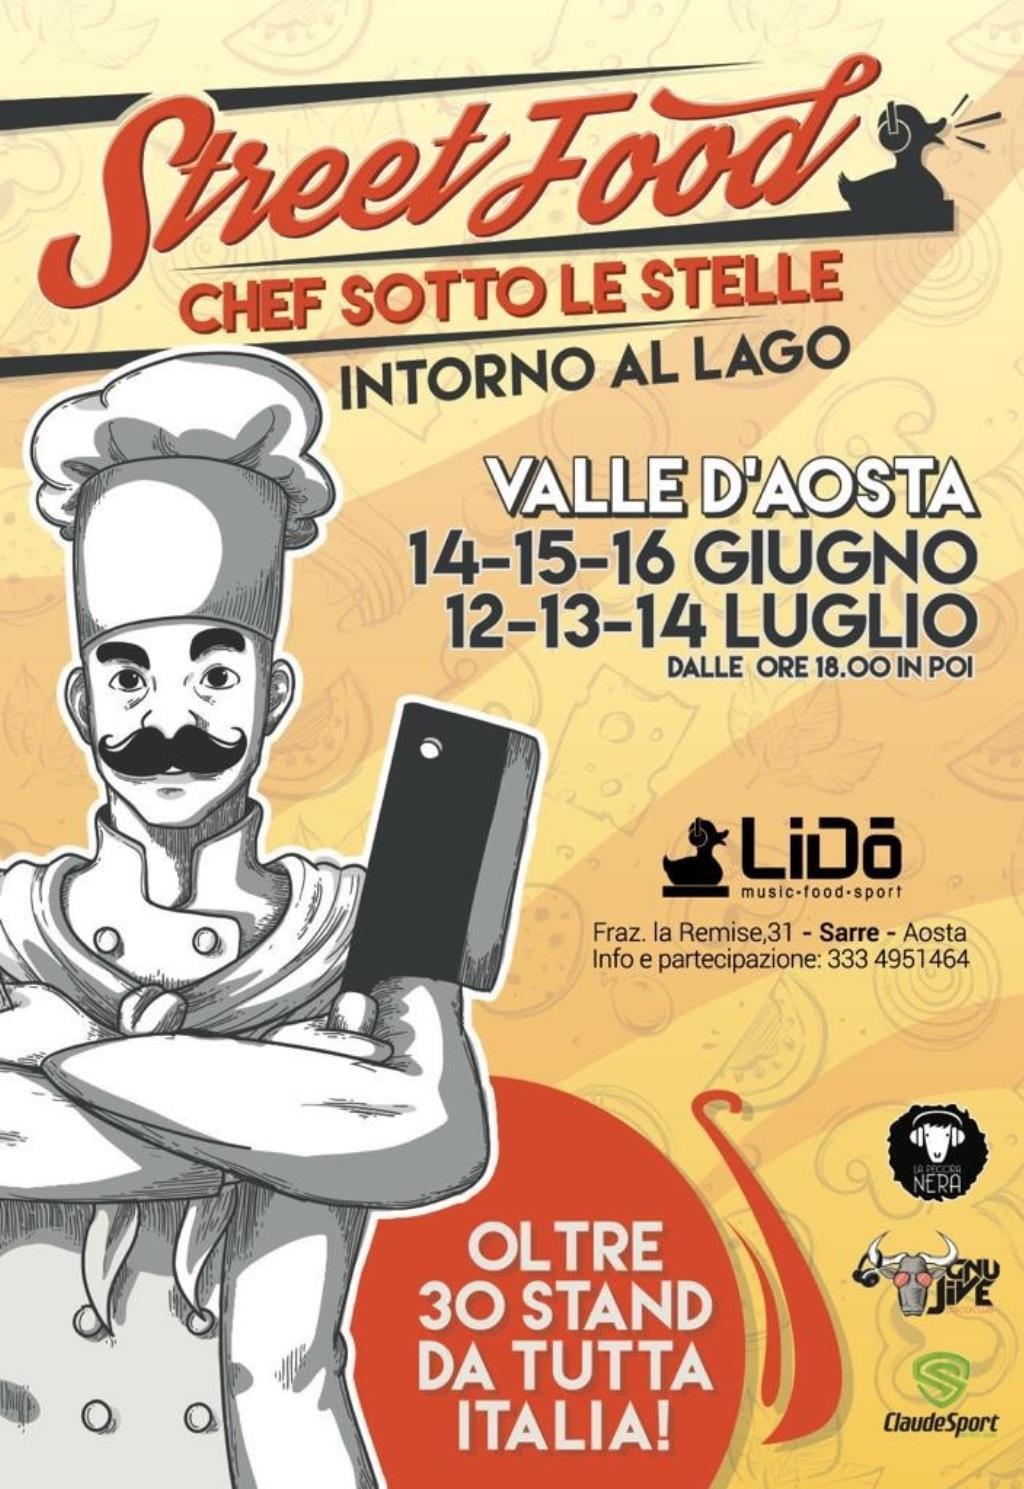 Street Food Valle d'Aosta intorno al lago - V^ edizione